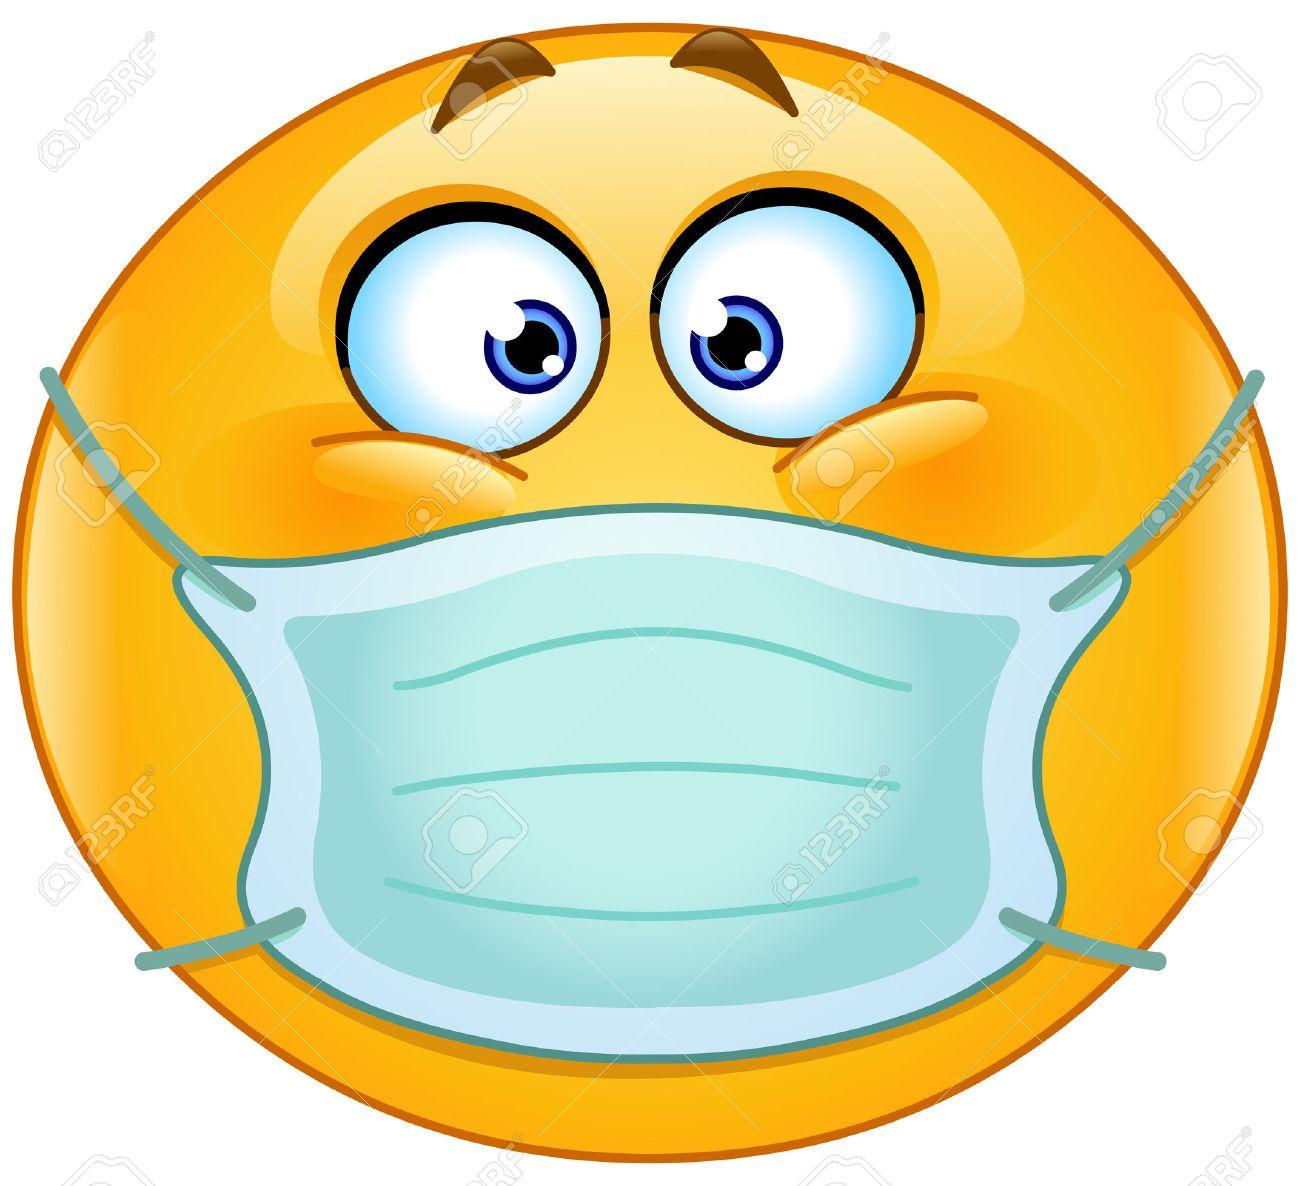 Картинки по запросу смайлики грипп